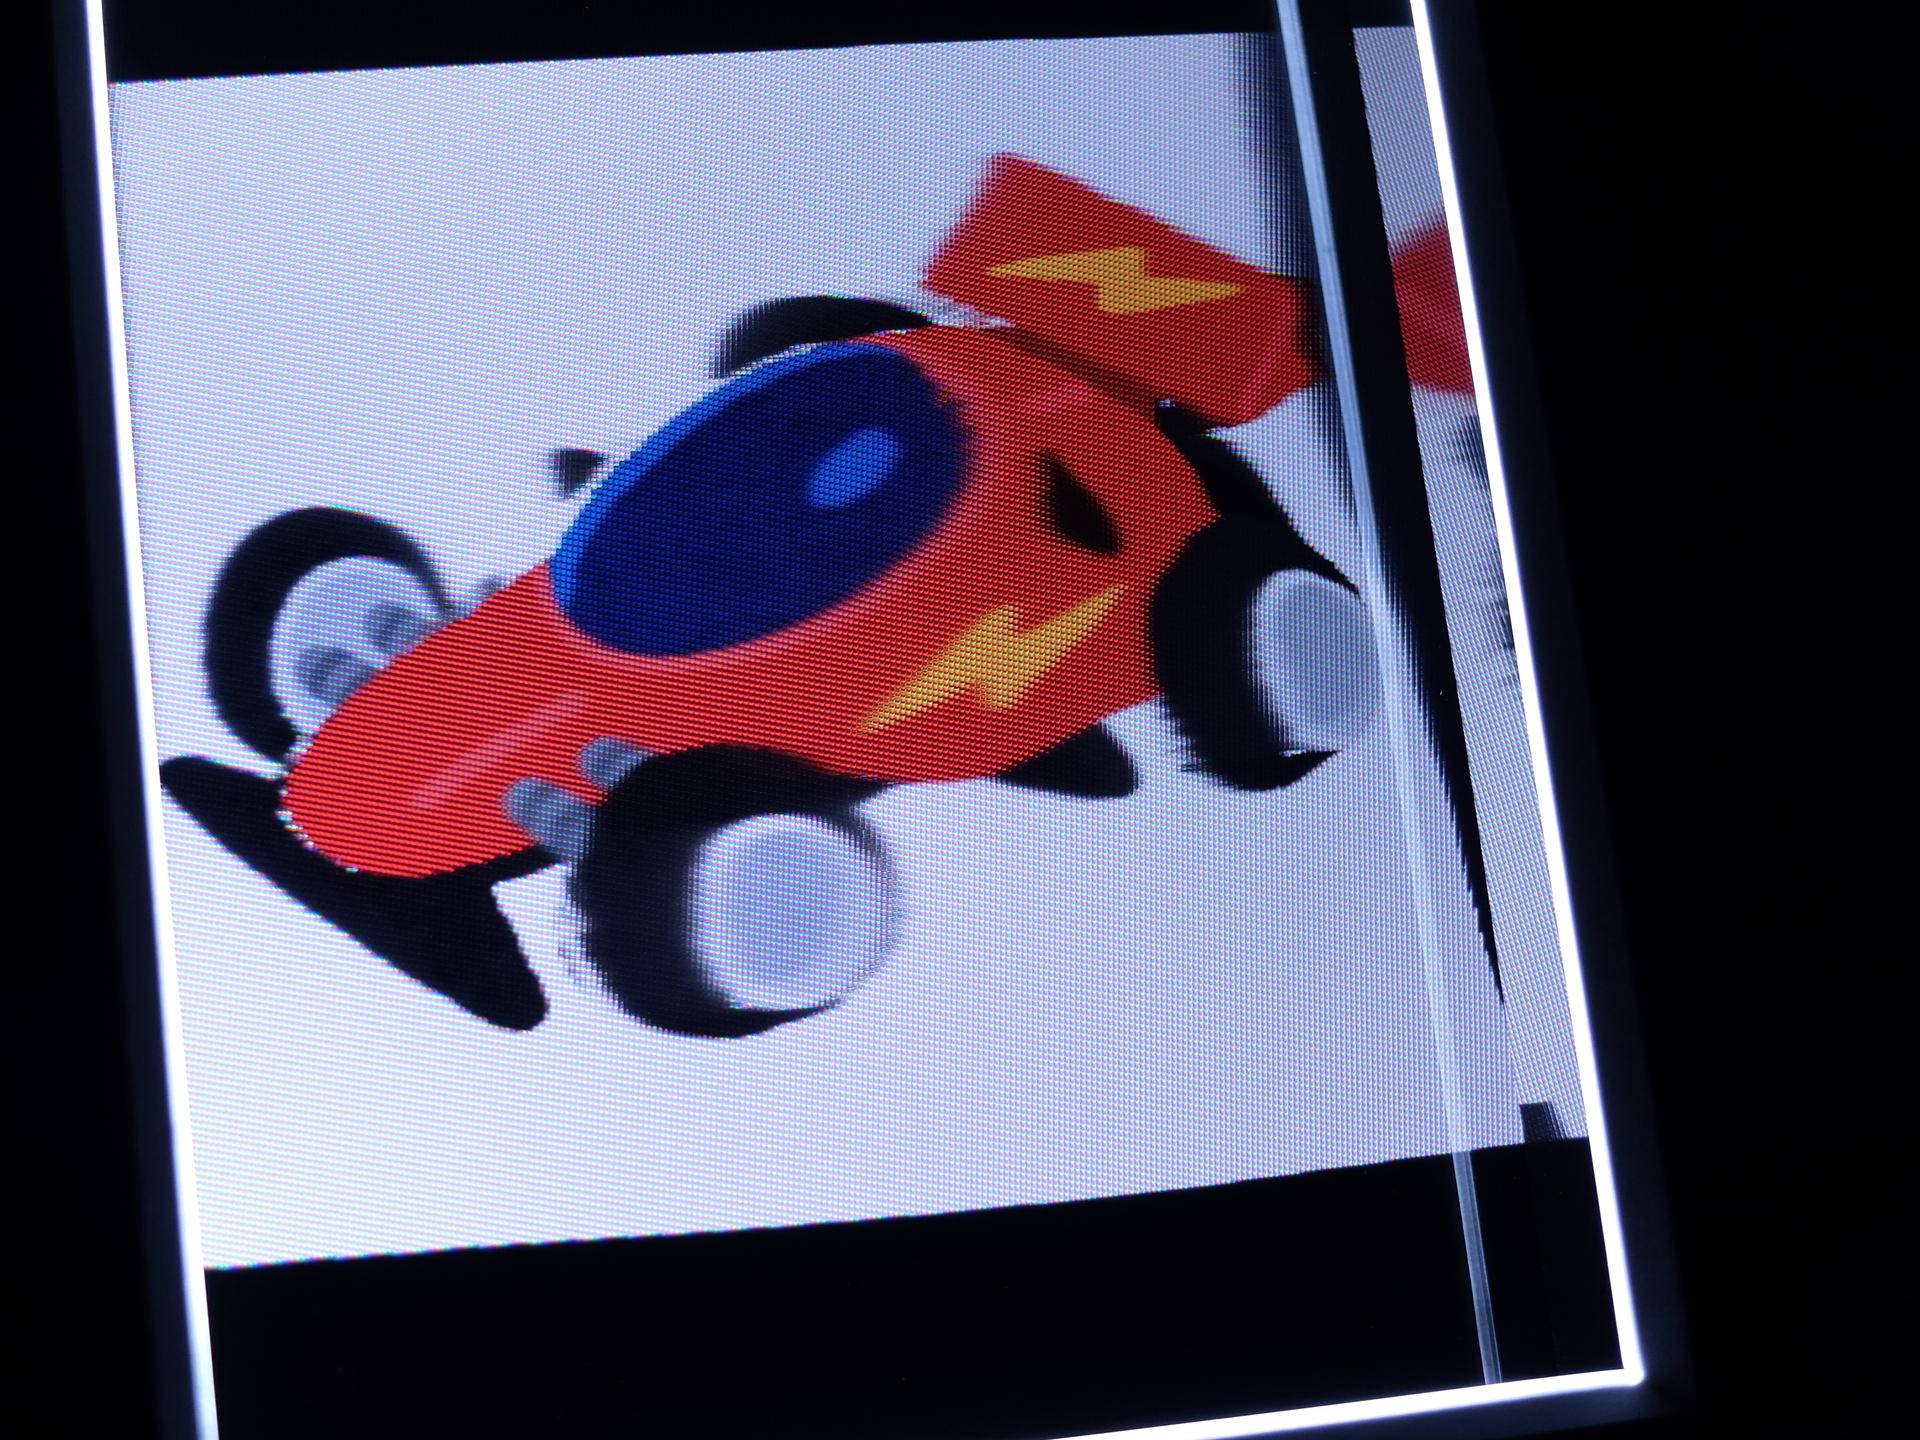 イラストについても試してみたが、これが意外といい形で変換できた。今回はいらすとやのスポーツカーの画像を変換してみたが、思いのほか立体感のある画像へと変化した